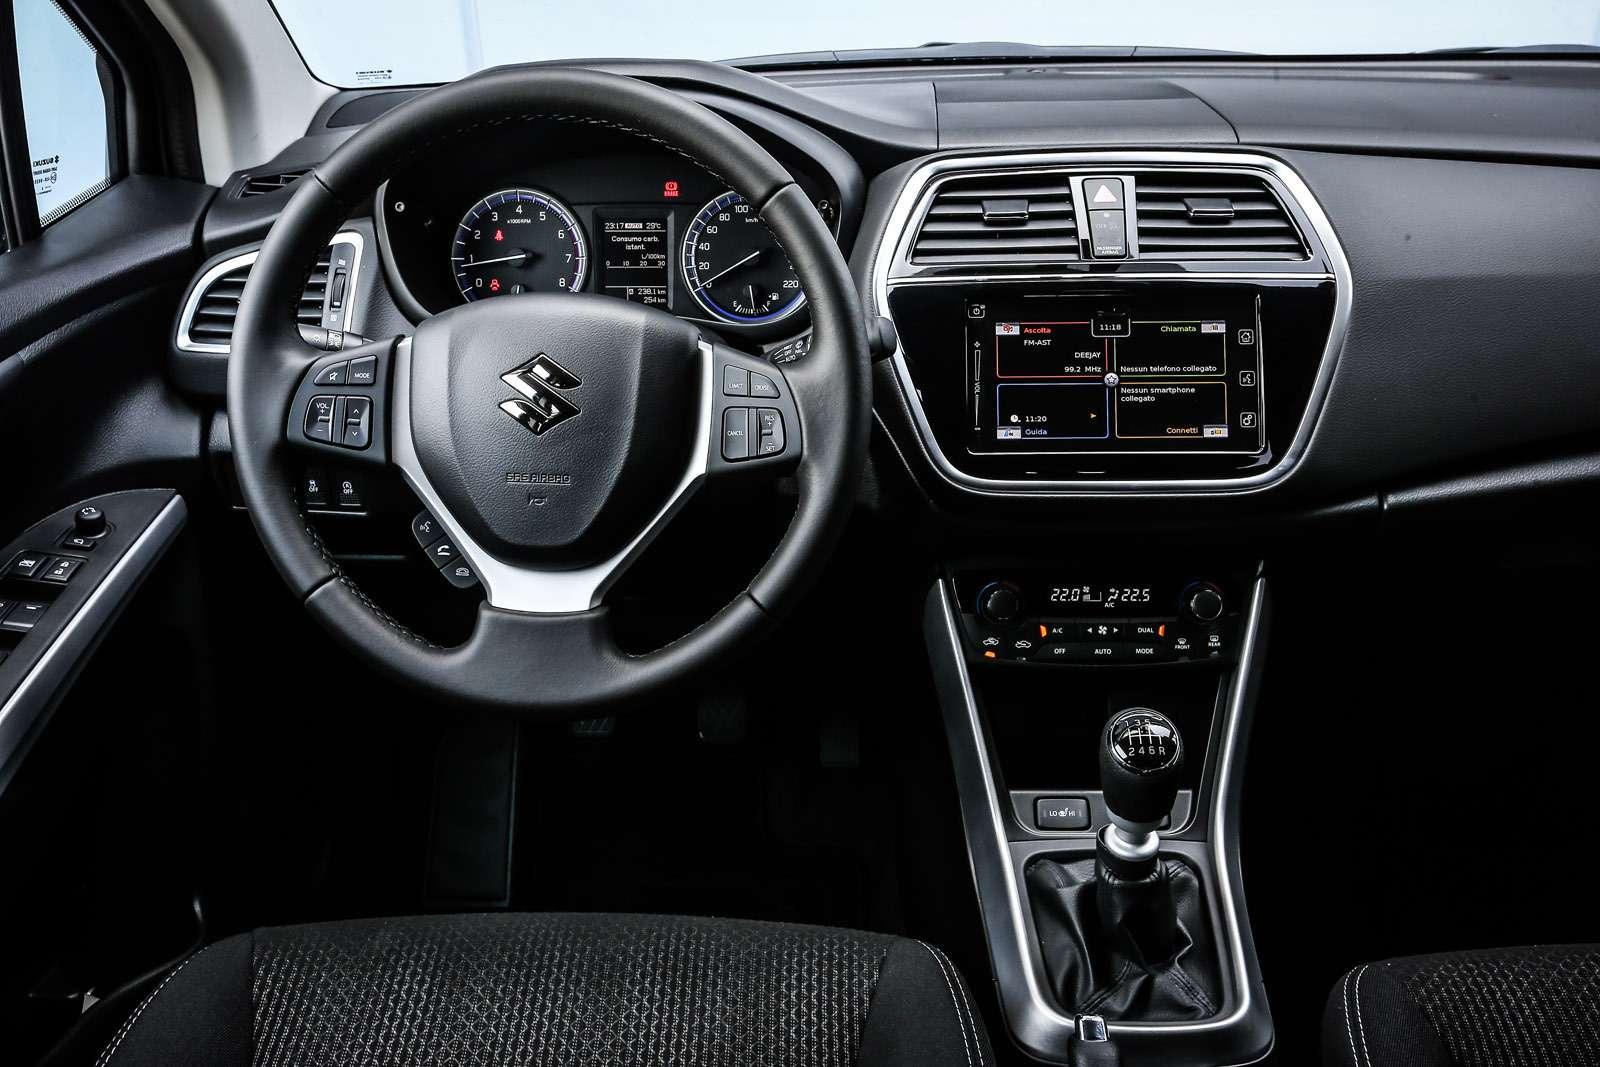 Появились российские комплектации обновленного Suzuki SX4— фото 612431